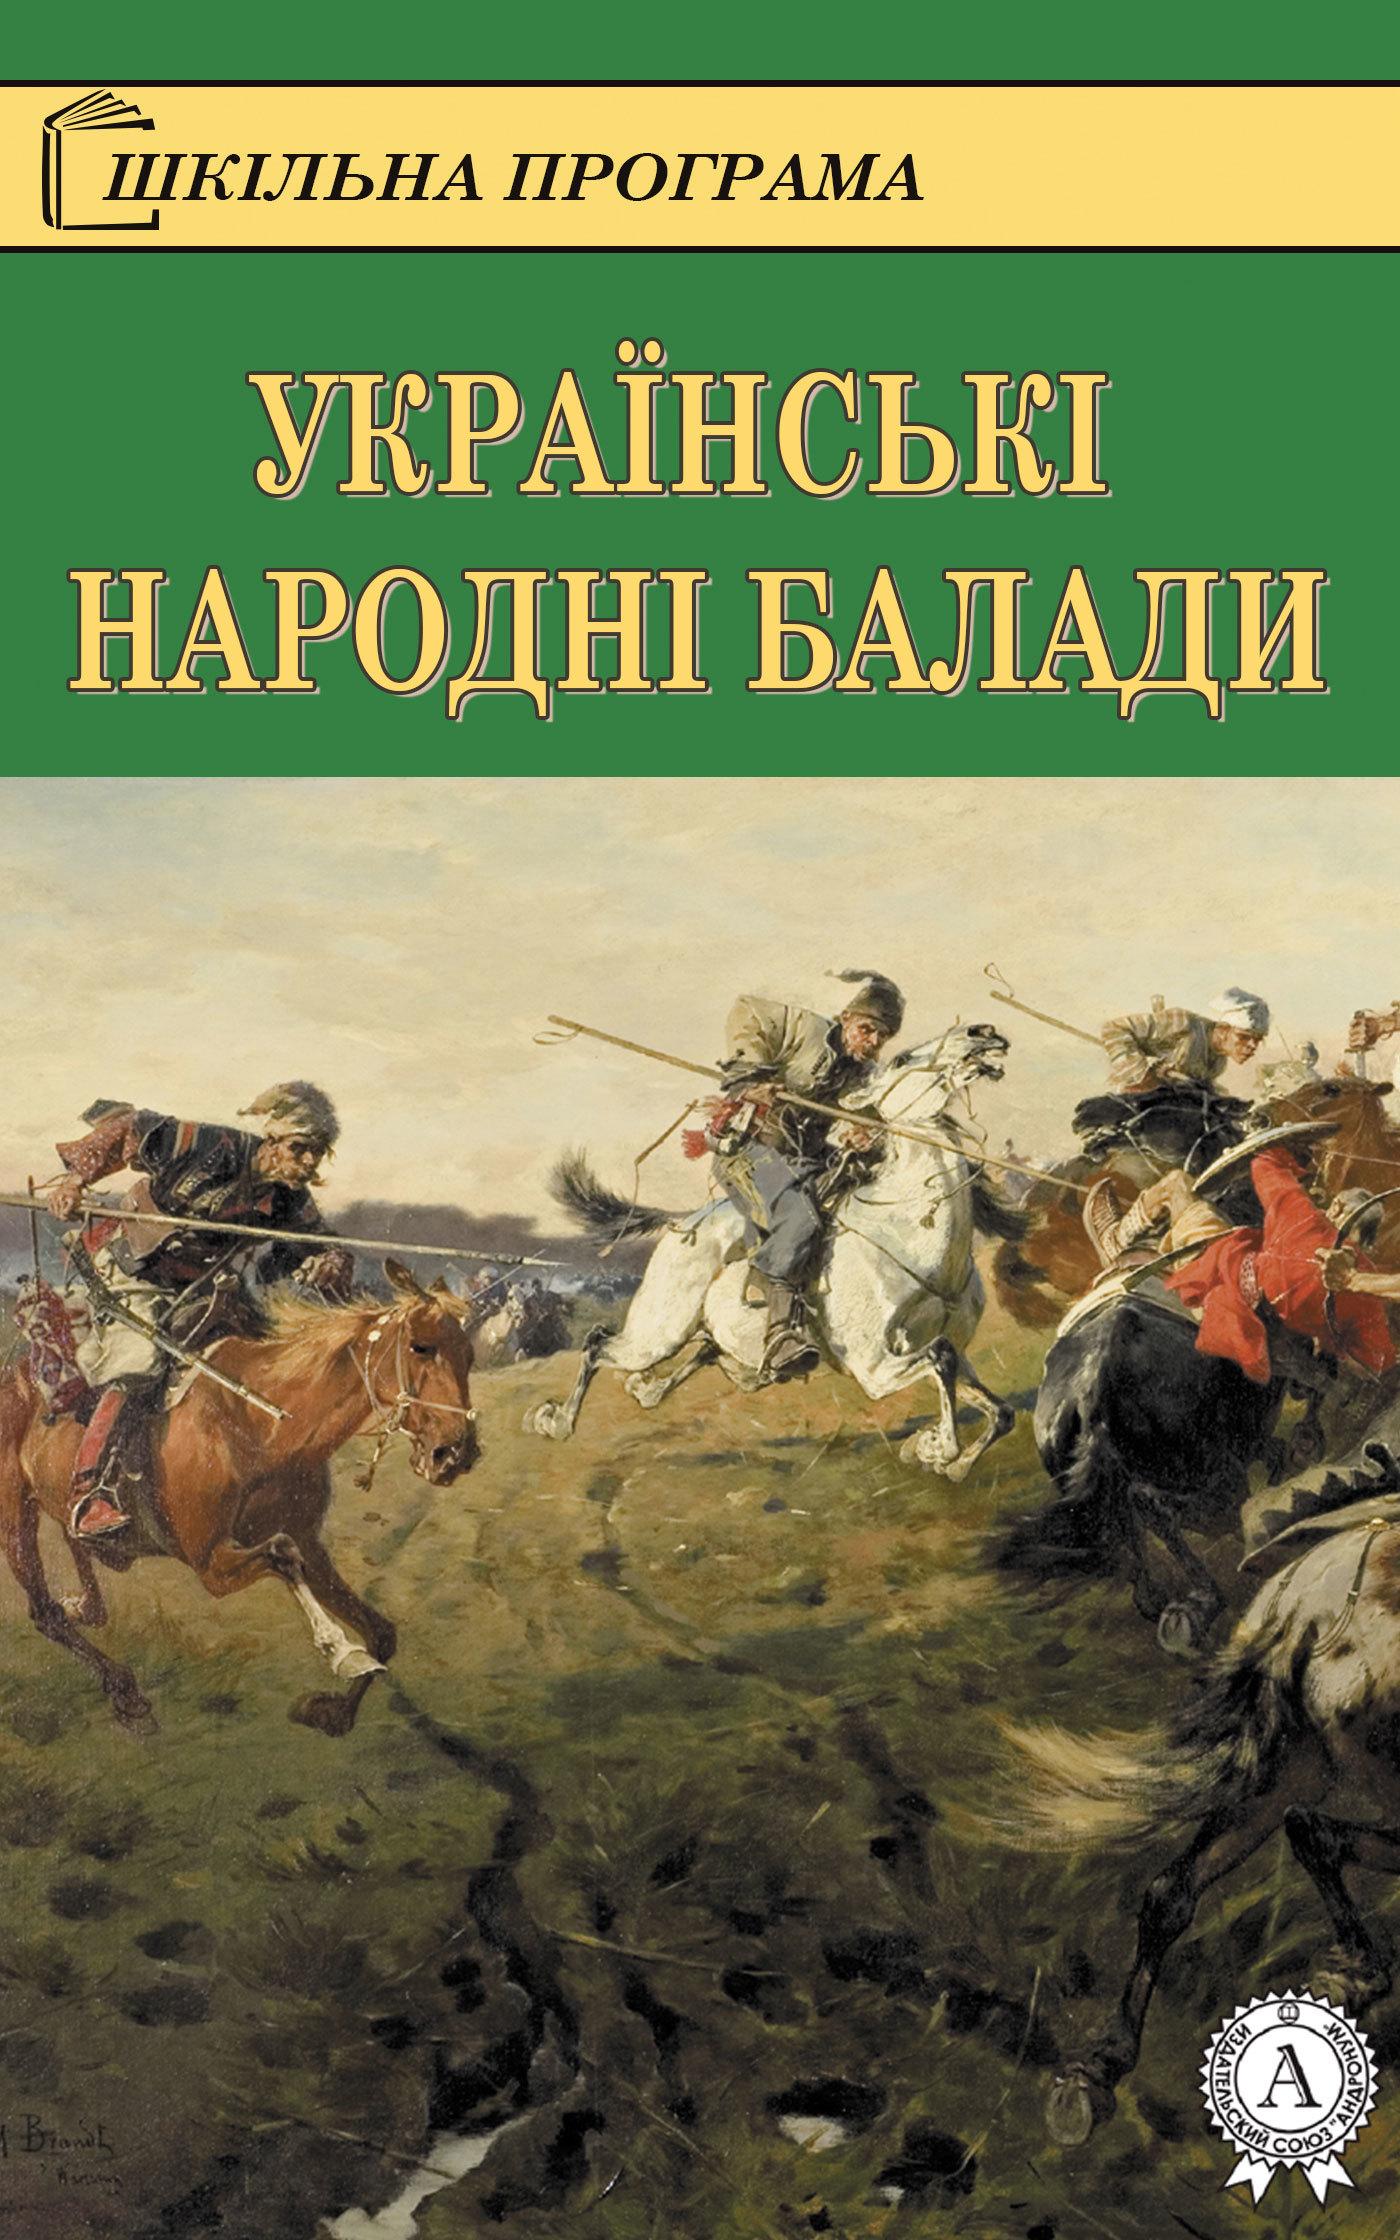 Українські народні балади ( Коллектив авторов  )